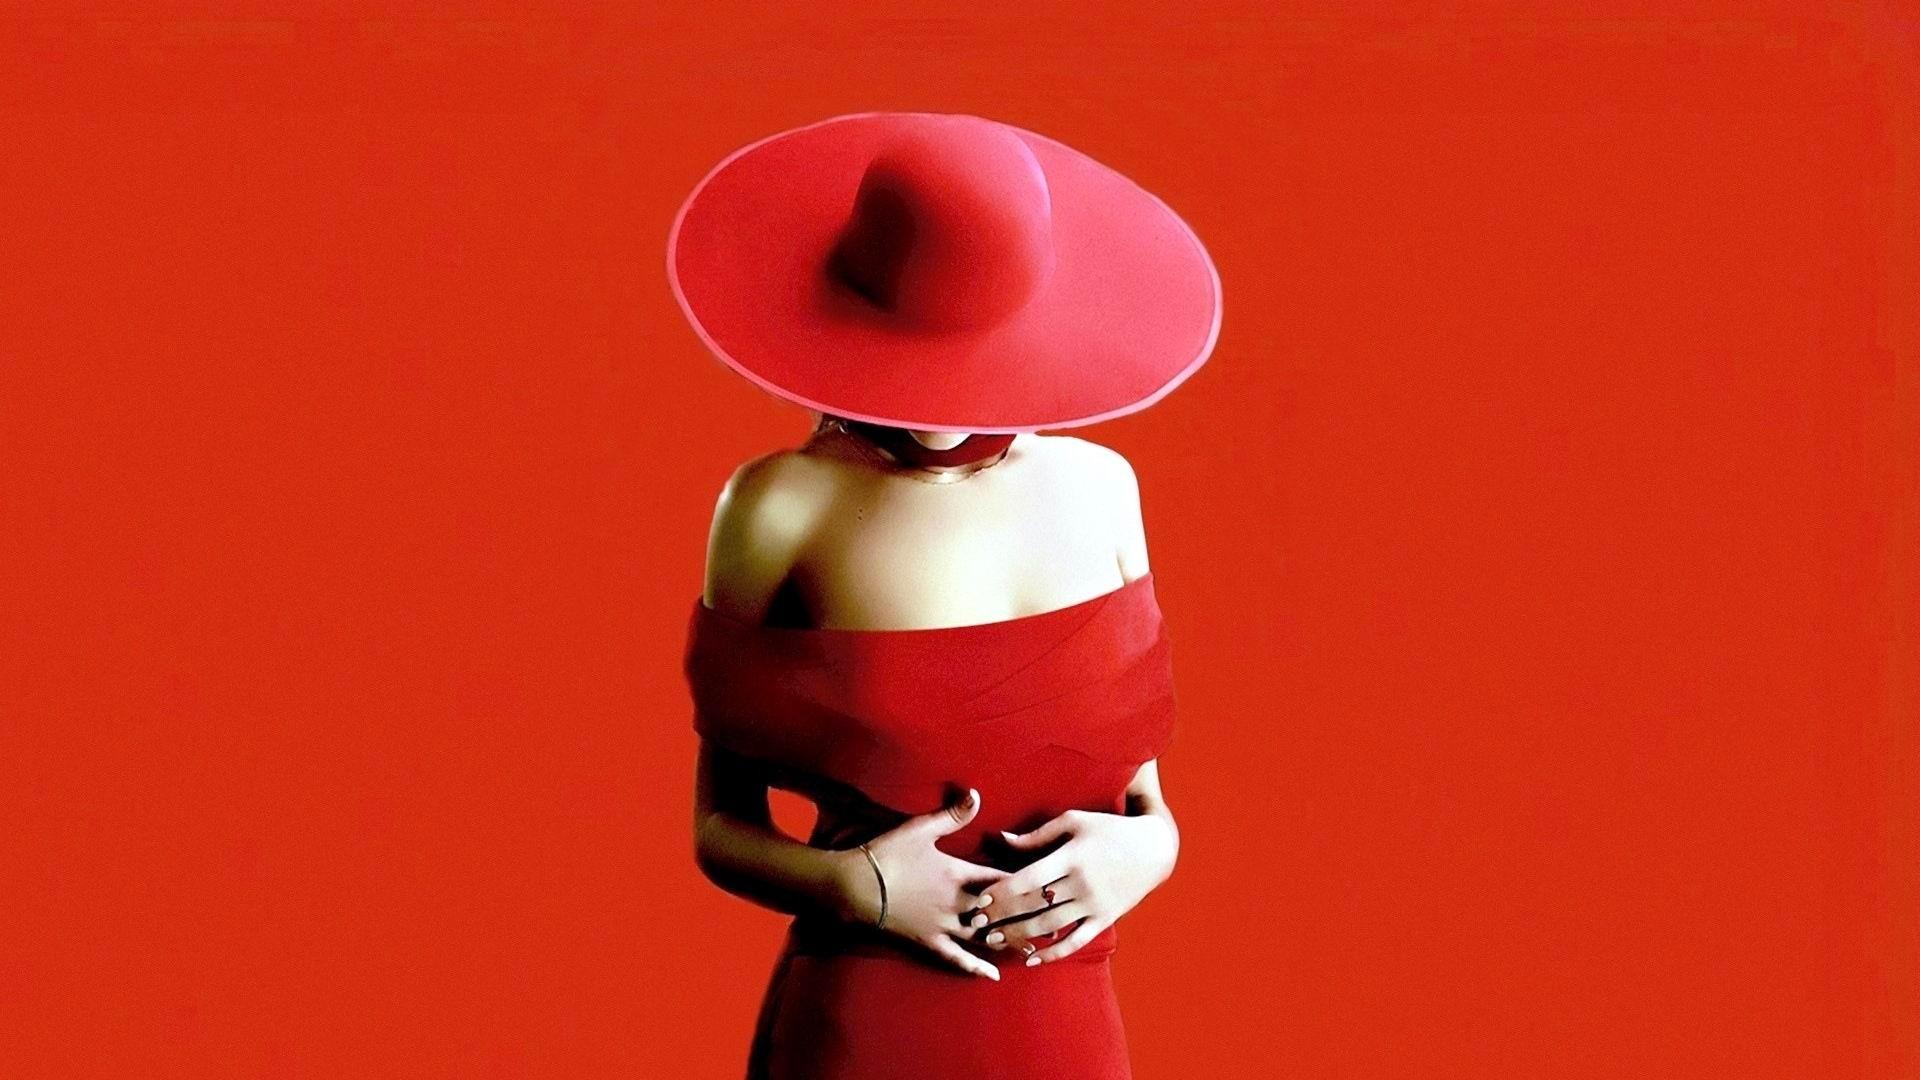 француженка в красной шляпе  № 156117 бесплатно